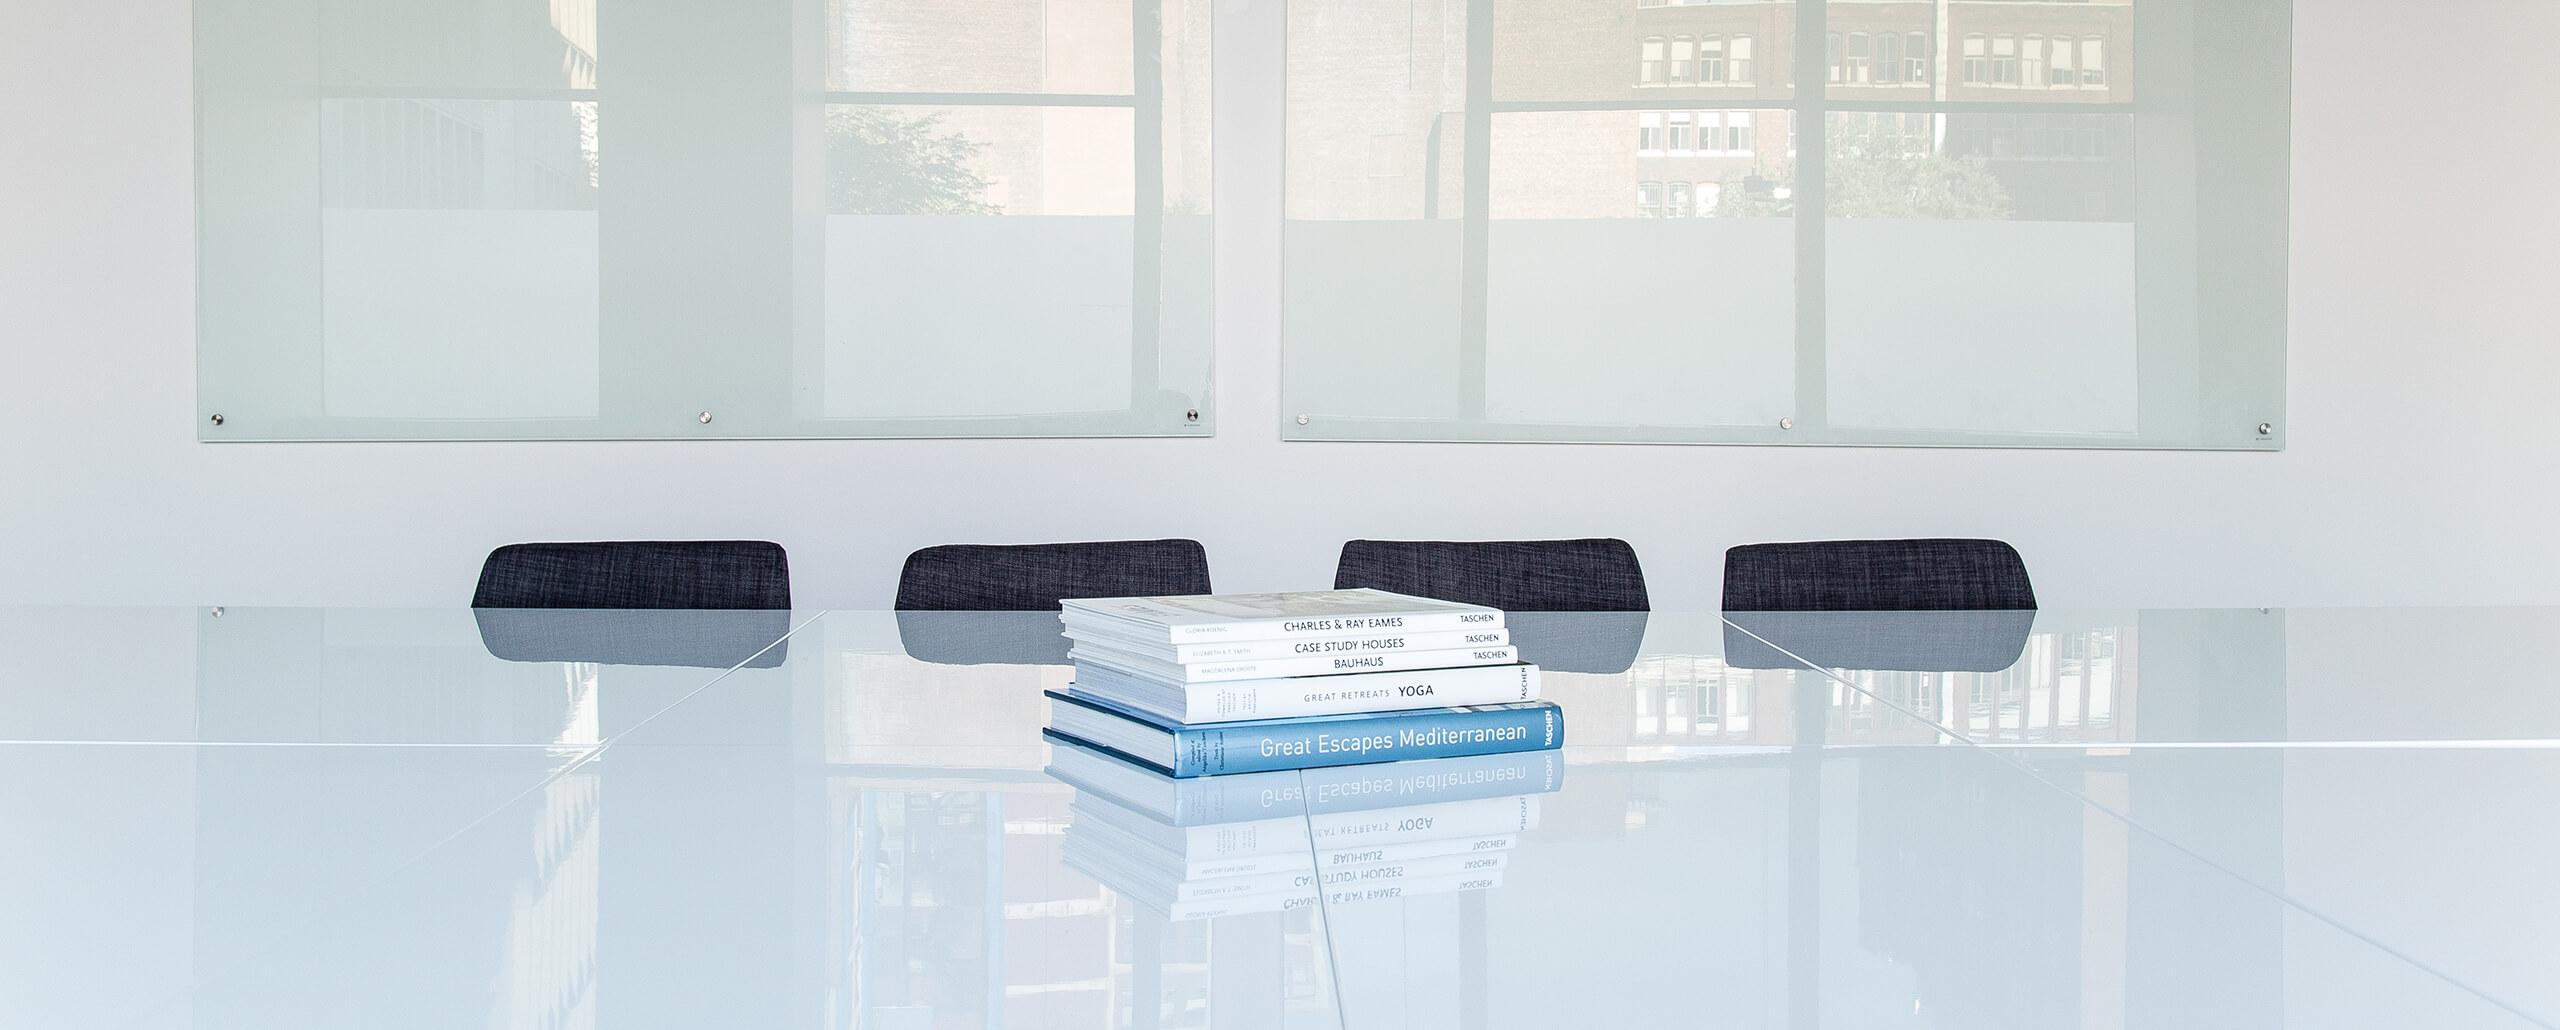 Proyectos de diseño de interiores SUBE en los medios